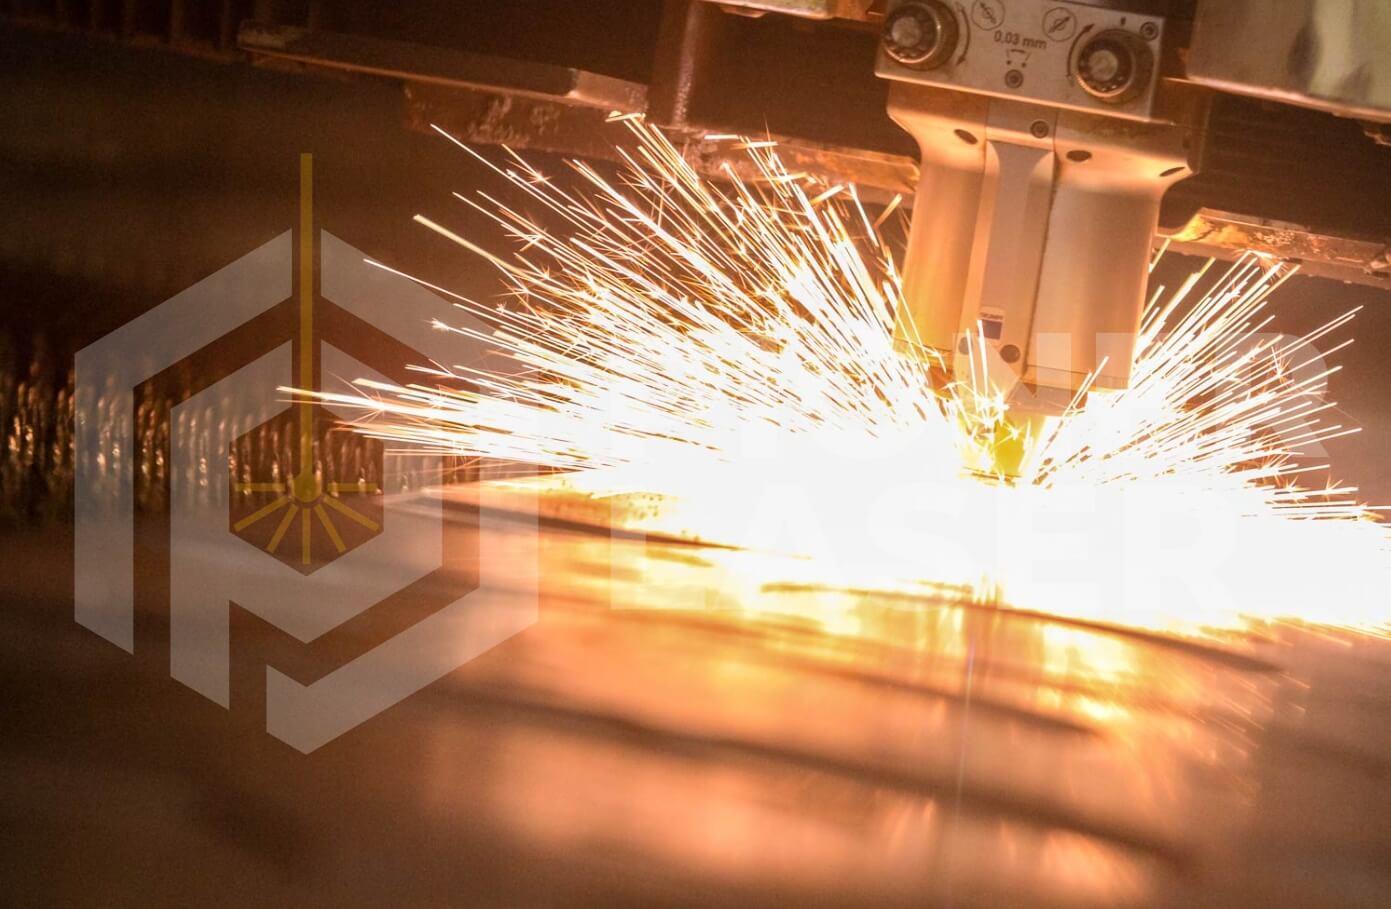 Jasa Laser Cutting di Cempaka Putih